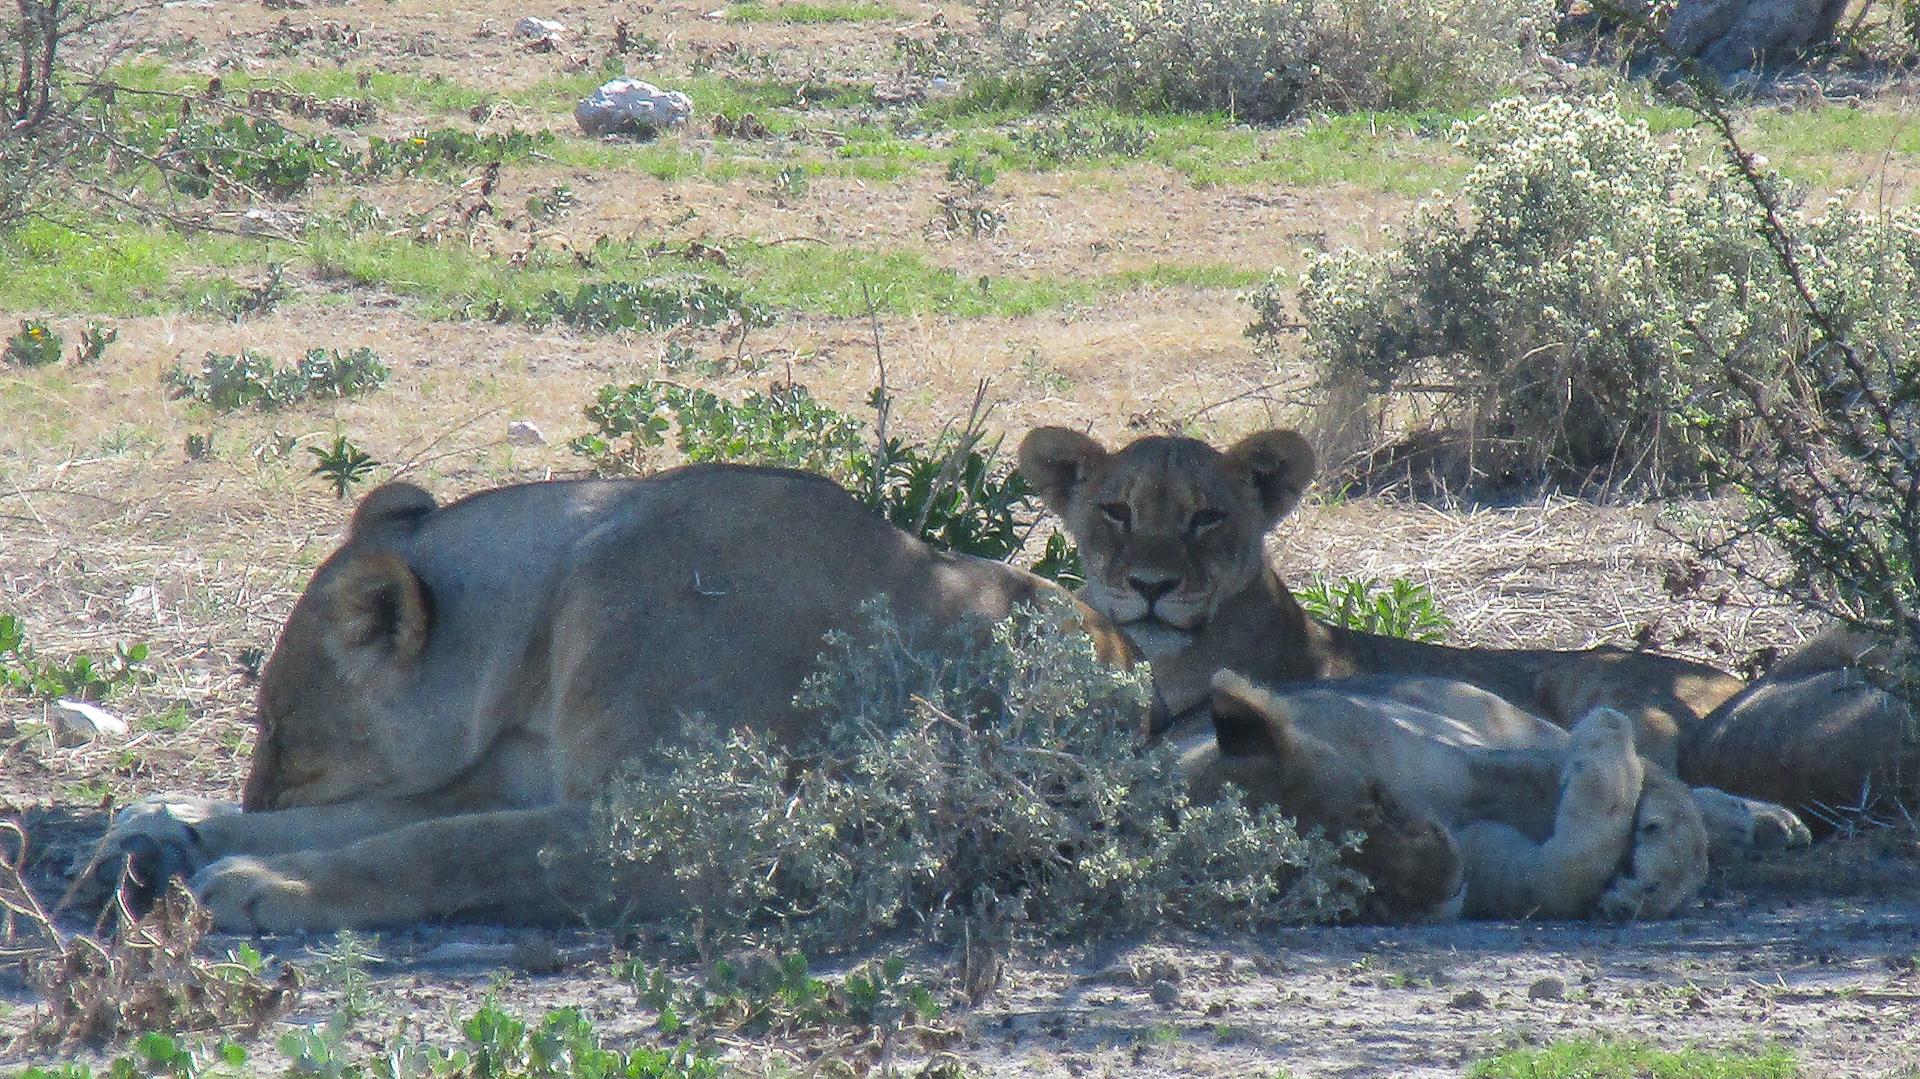 lionne et lionceau parc d'etosha Namibie